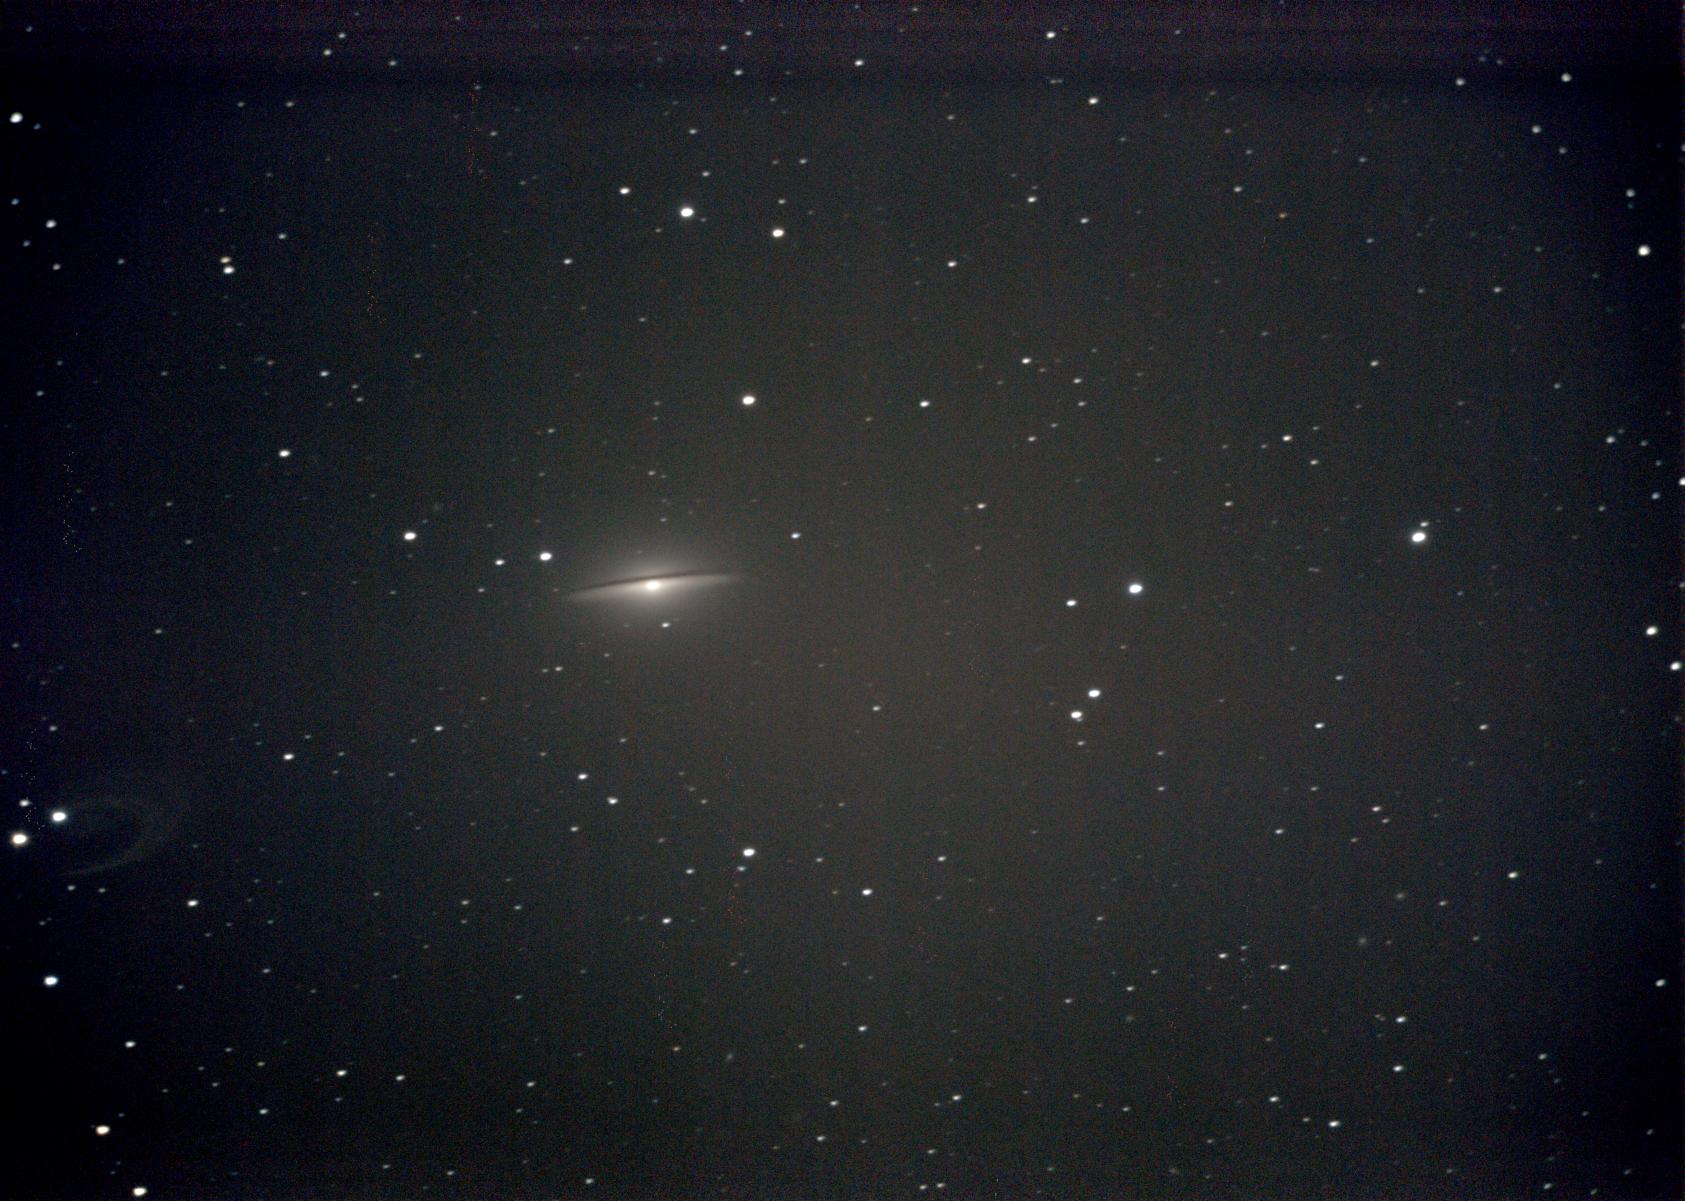 Die Spiralgalaxie M104 ist vom Typ SA(s)a und etwa 9 Mio. pc (30 Mio. LJ) von uns entfernt. Sie hat einen besonders stark ausgeprägten Bulge und eng gewundene Spiralarme.